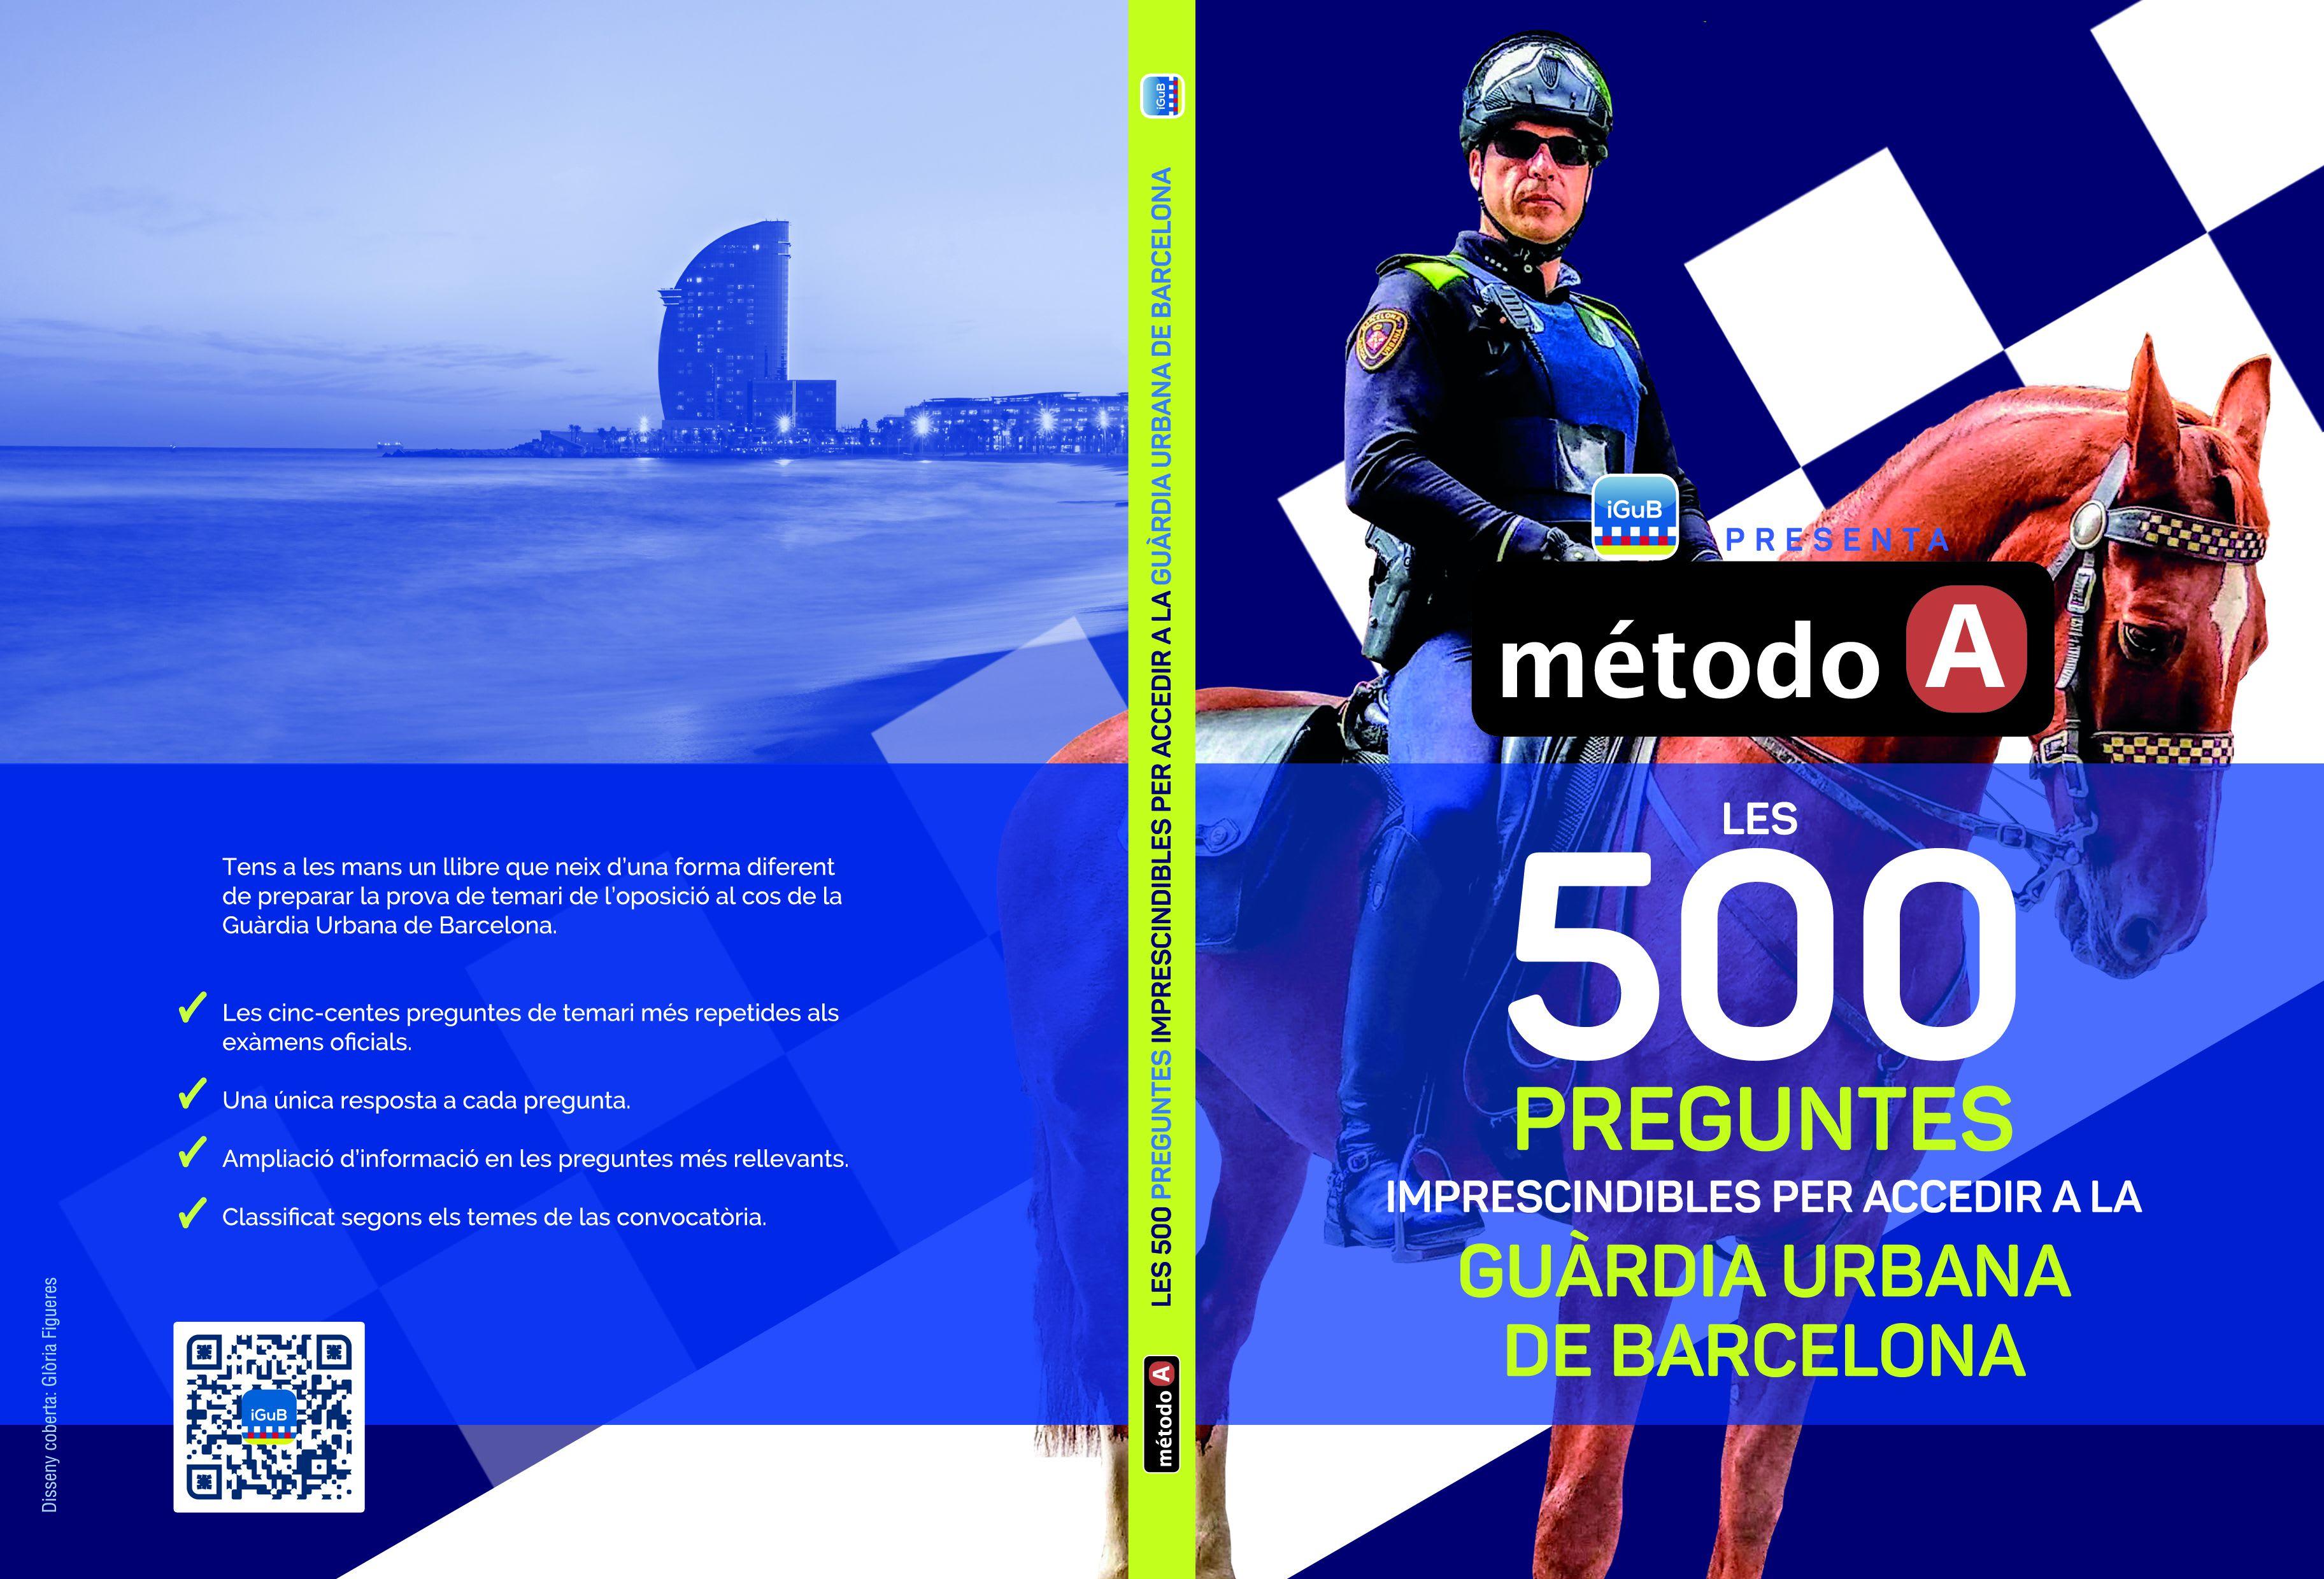 Les 500 preguntes imprescindibles per accedir a la Guàrdia Urbana de Barcelona